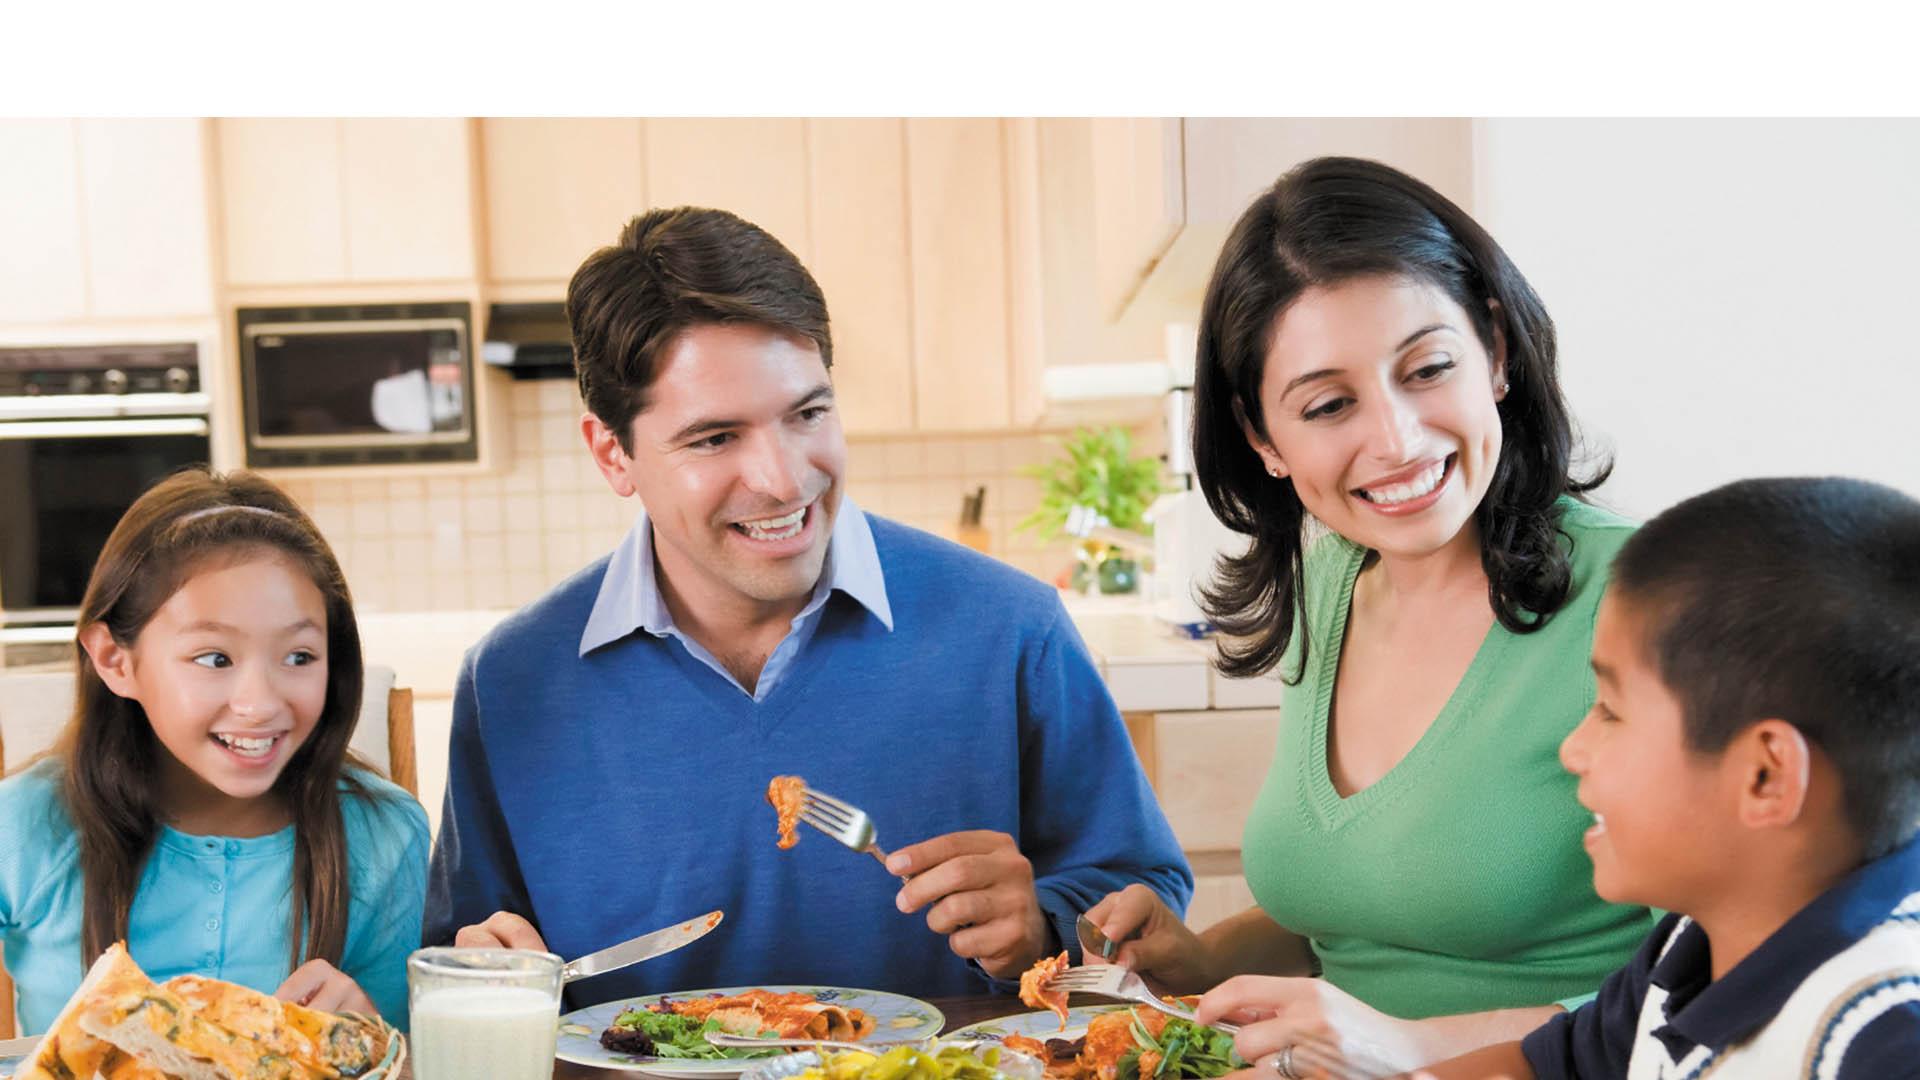 Especialistas de la Universidad de Illinois aseguran que cuando se come en familia los niños desarrollan una mejor relación con sus padres